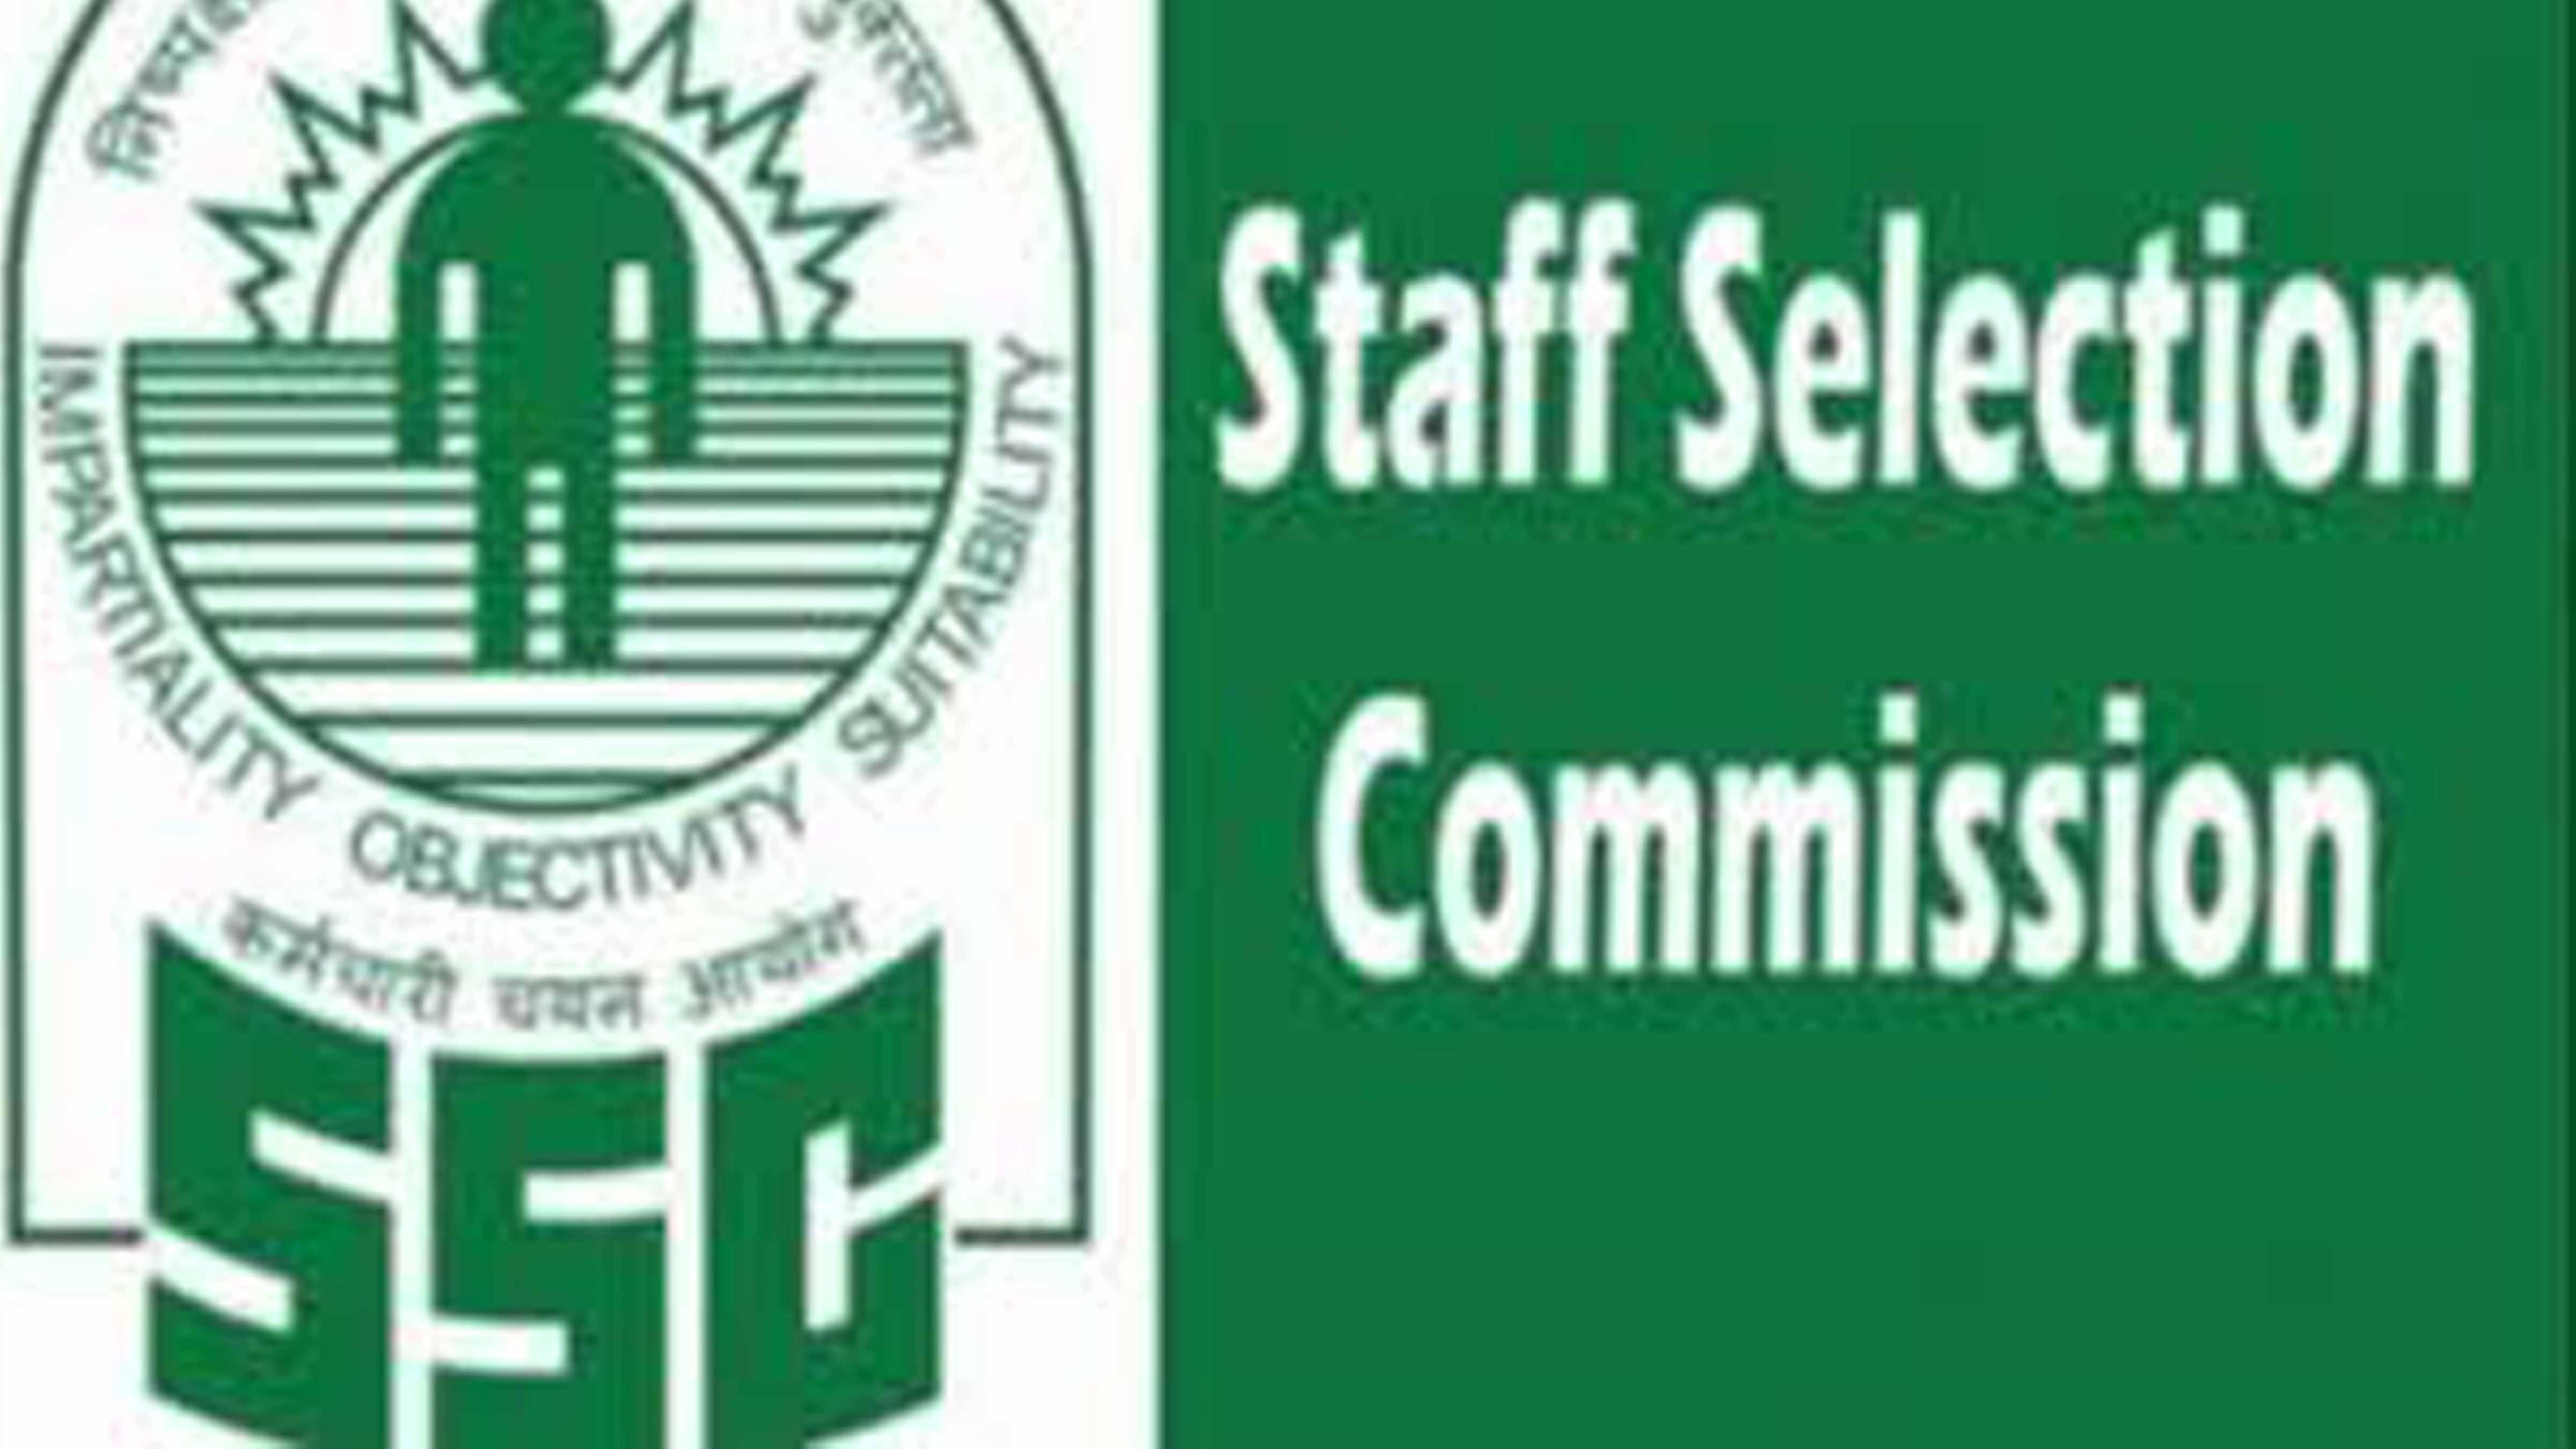 SSC CHSL Recruitment 2020